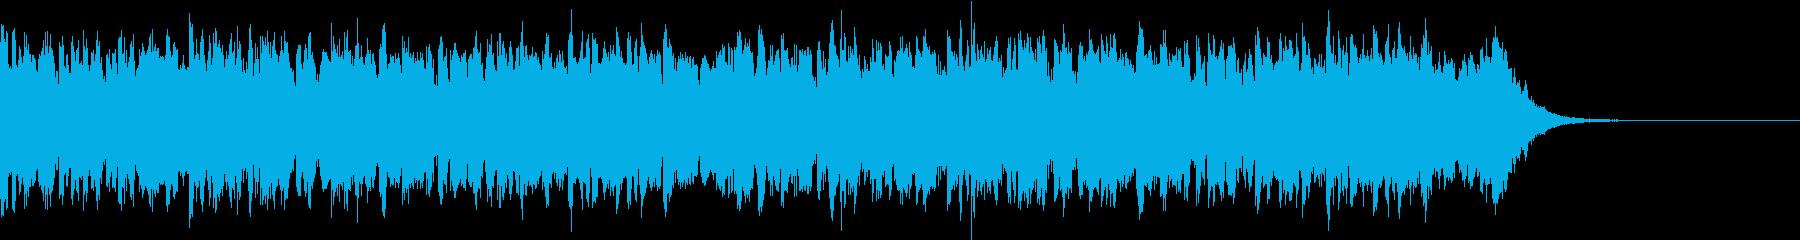 『カルメン』序曲 テクノポップにアレンジの再生済みの波形